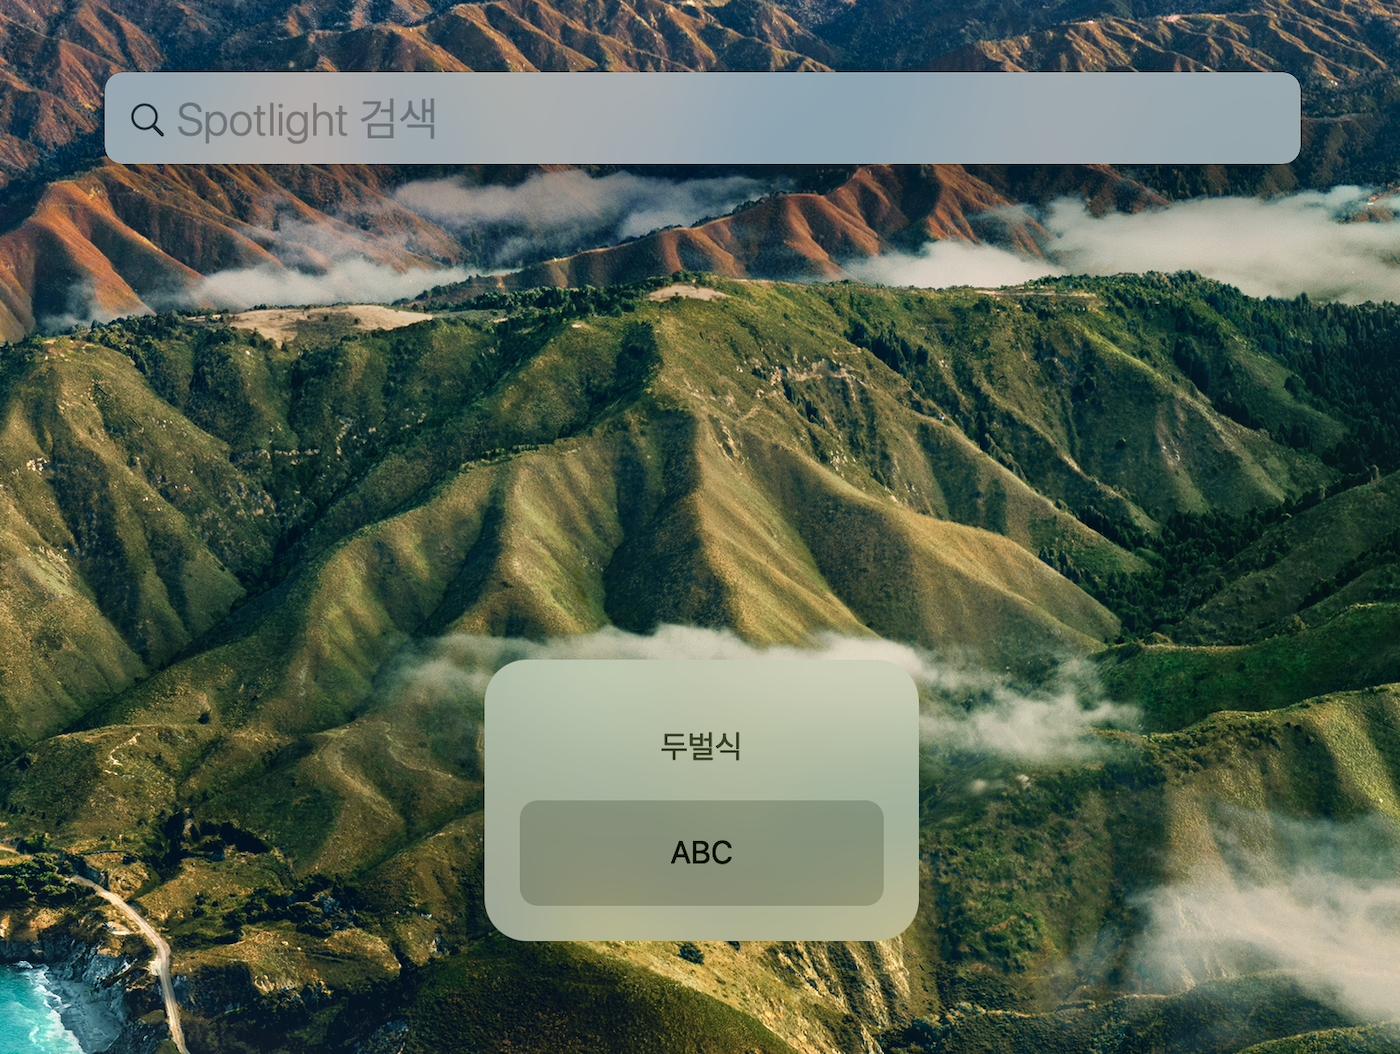 MacOS fn키 눌렀을 때 한영 전환 안뜨게 하기 포스팅 썸네일 이미지